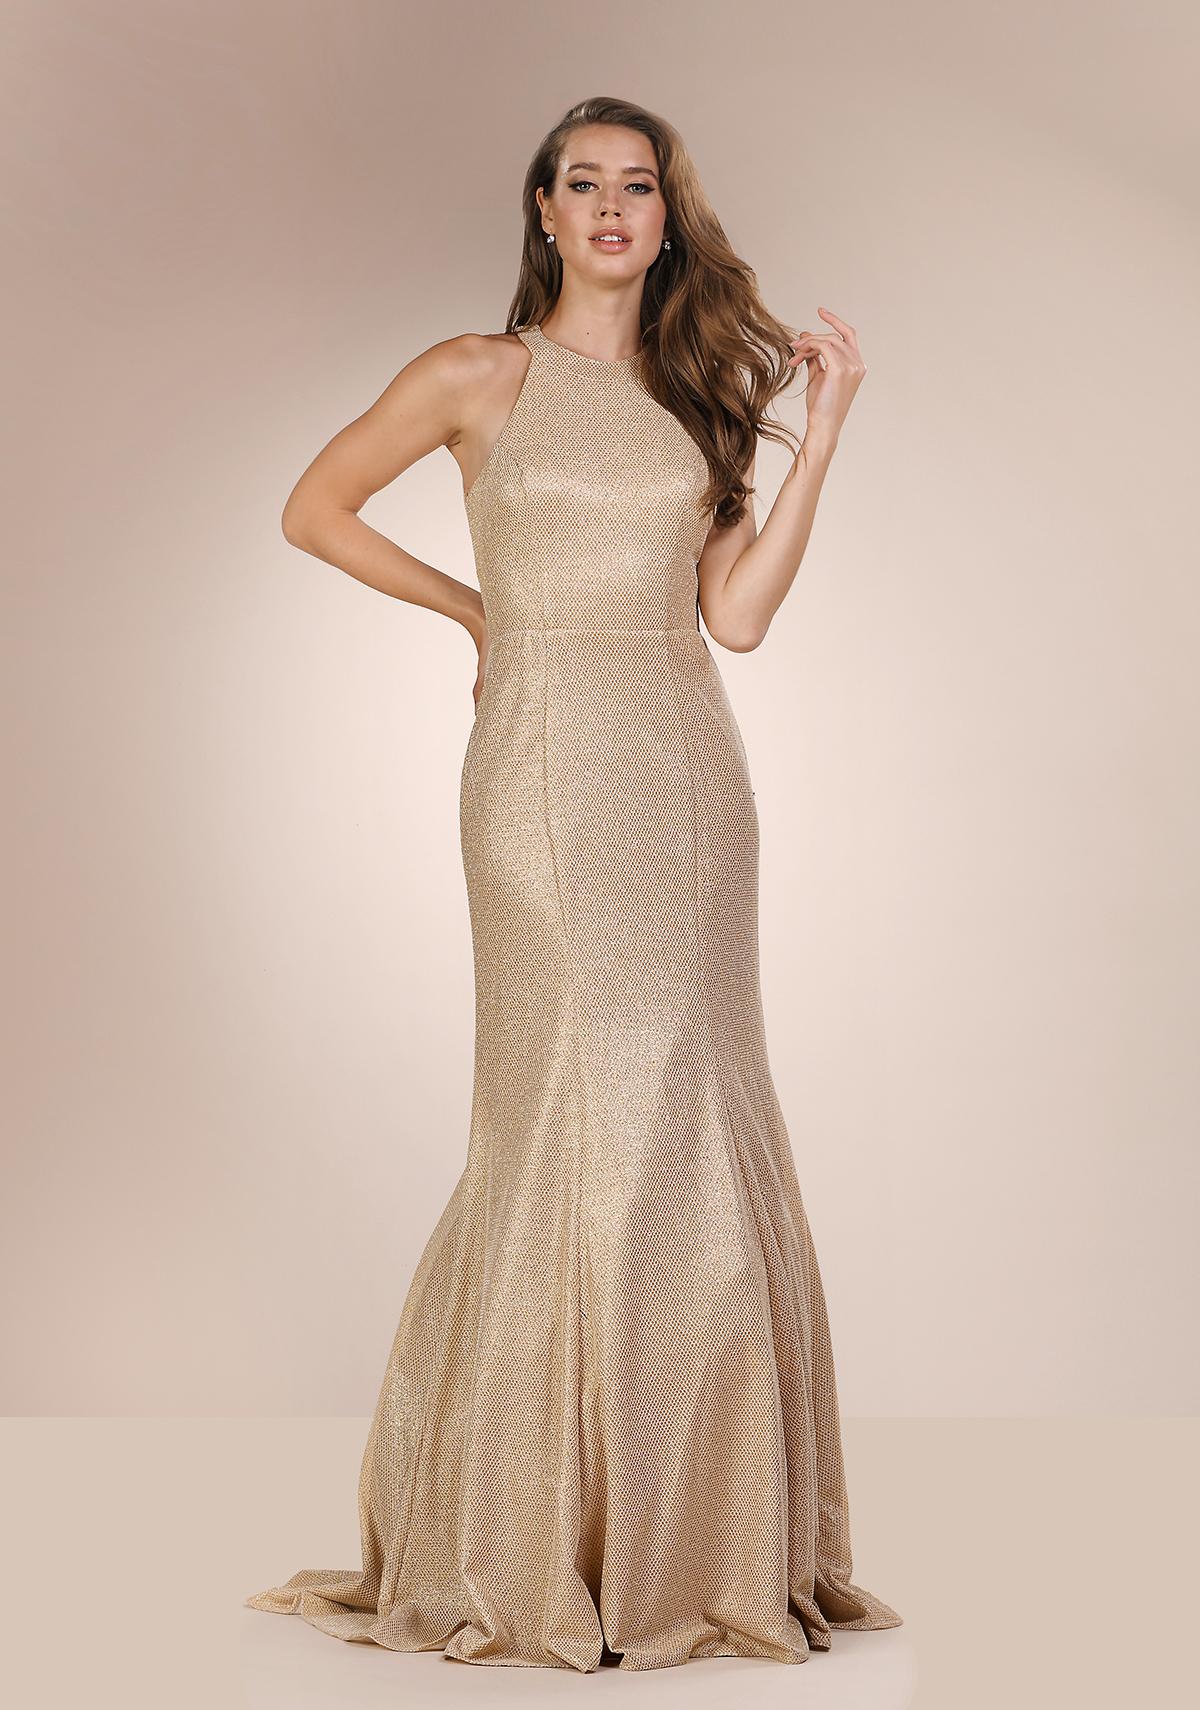 Abendkleid mit hochgeschlossenem Kragen in Glitter Gold ...